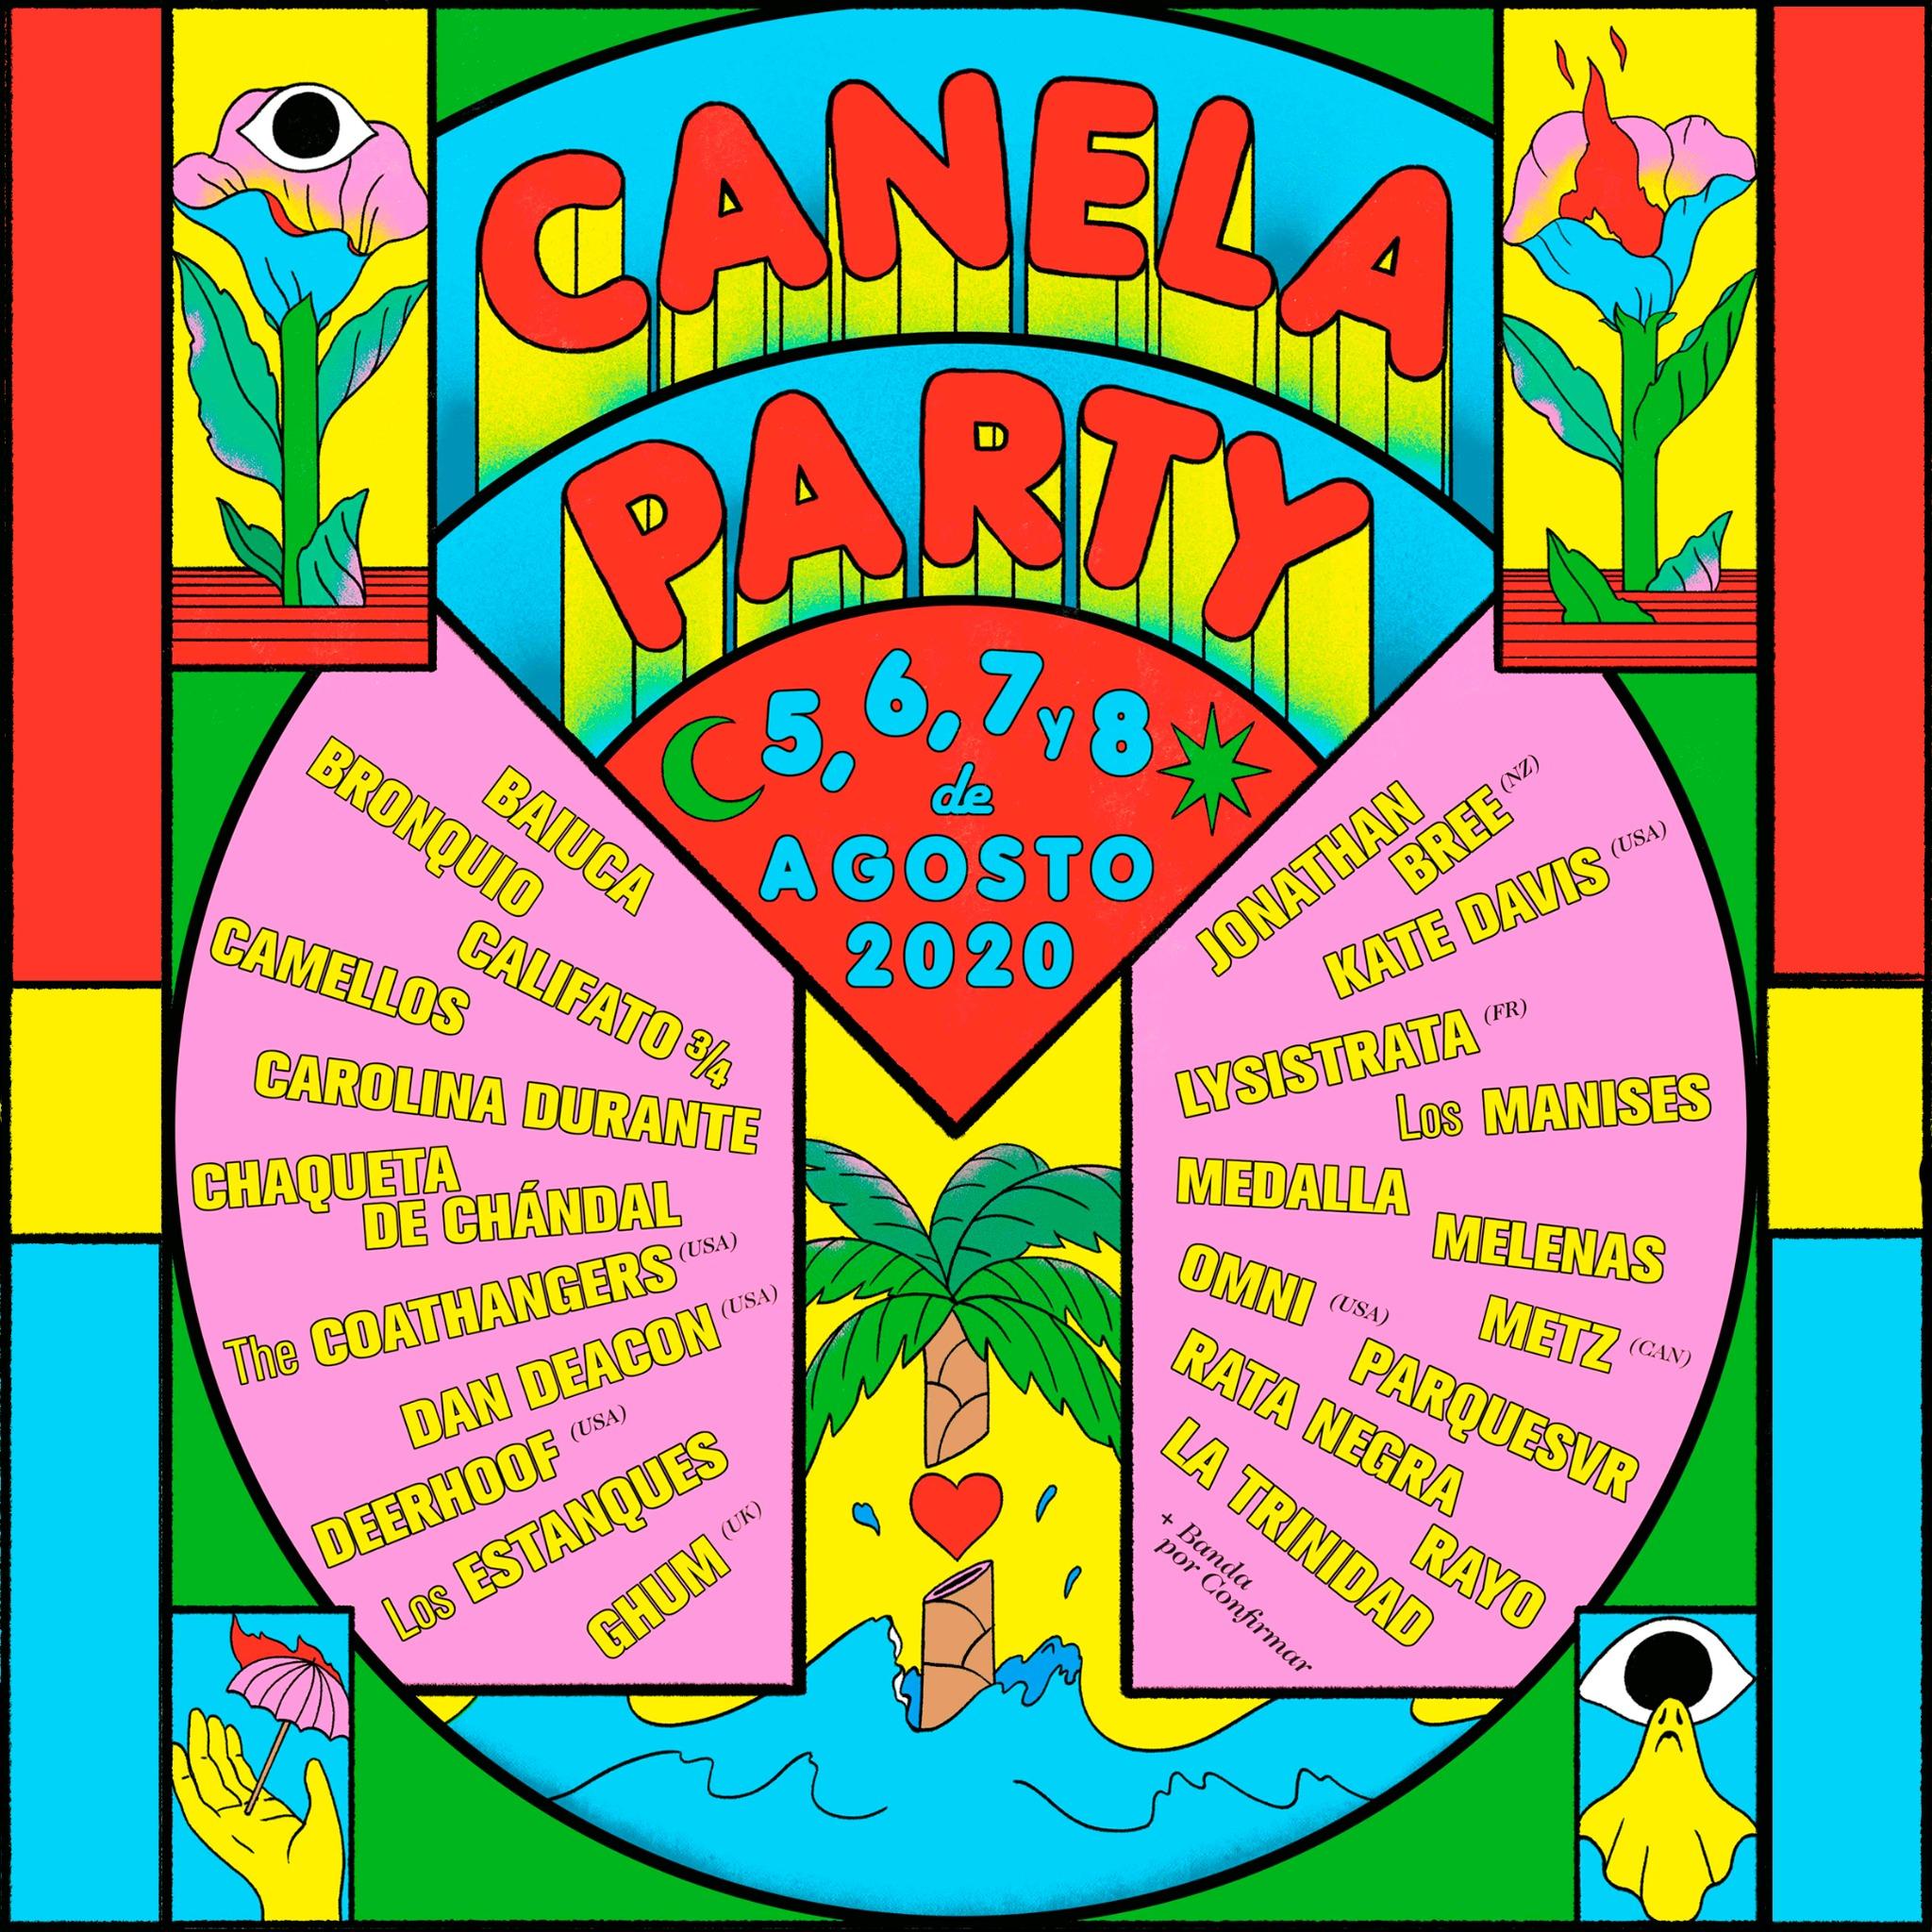 CANELA PARTY 2020 - Metz, Carolina Durante, Camellos, Omni, Dan Deacon, Medalla... (Málaga, 5-8 Agosto) Canelaparty-2020-1576511888.160301